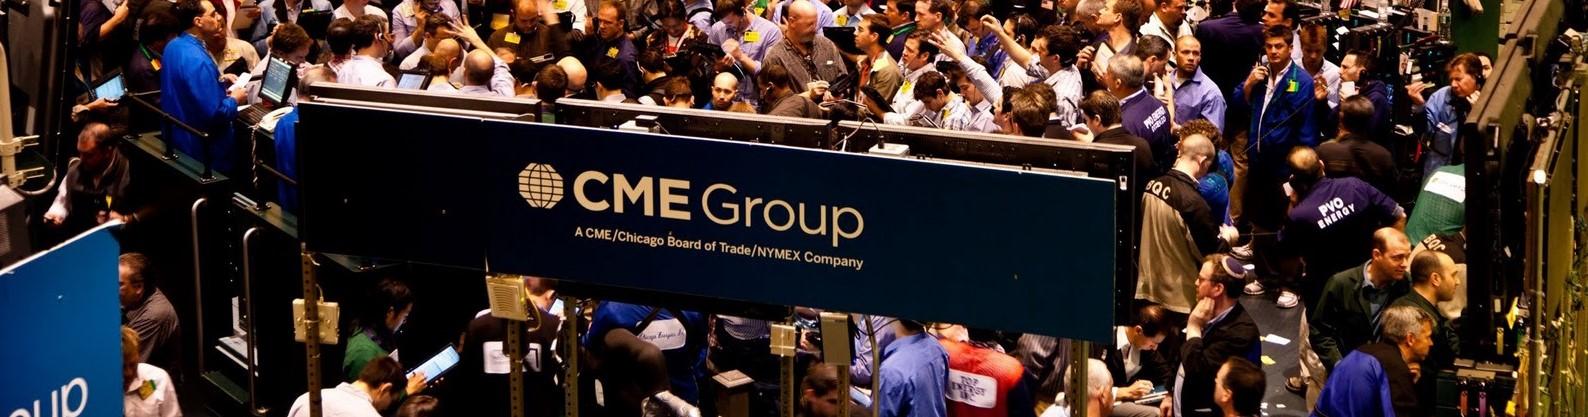 CME Group анонсировала запуск фьючерсов на эфир